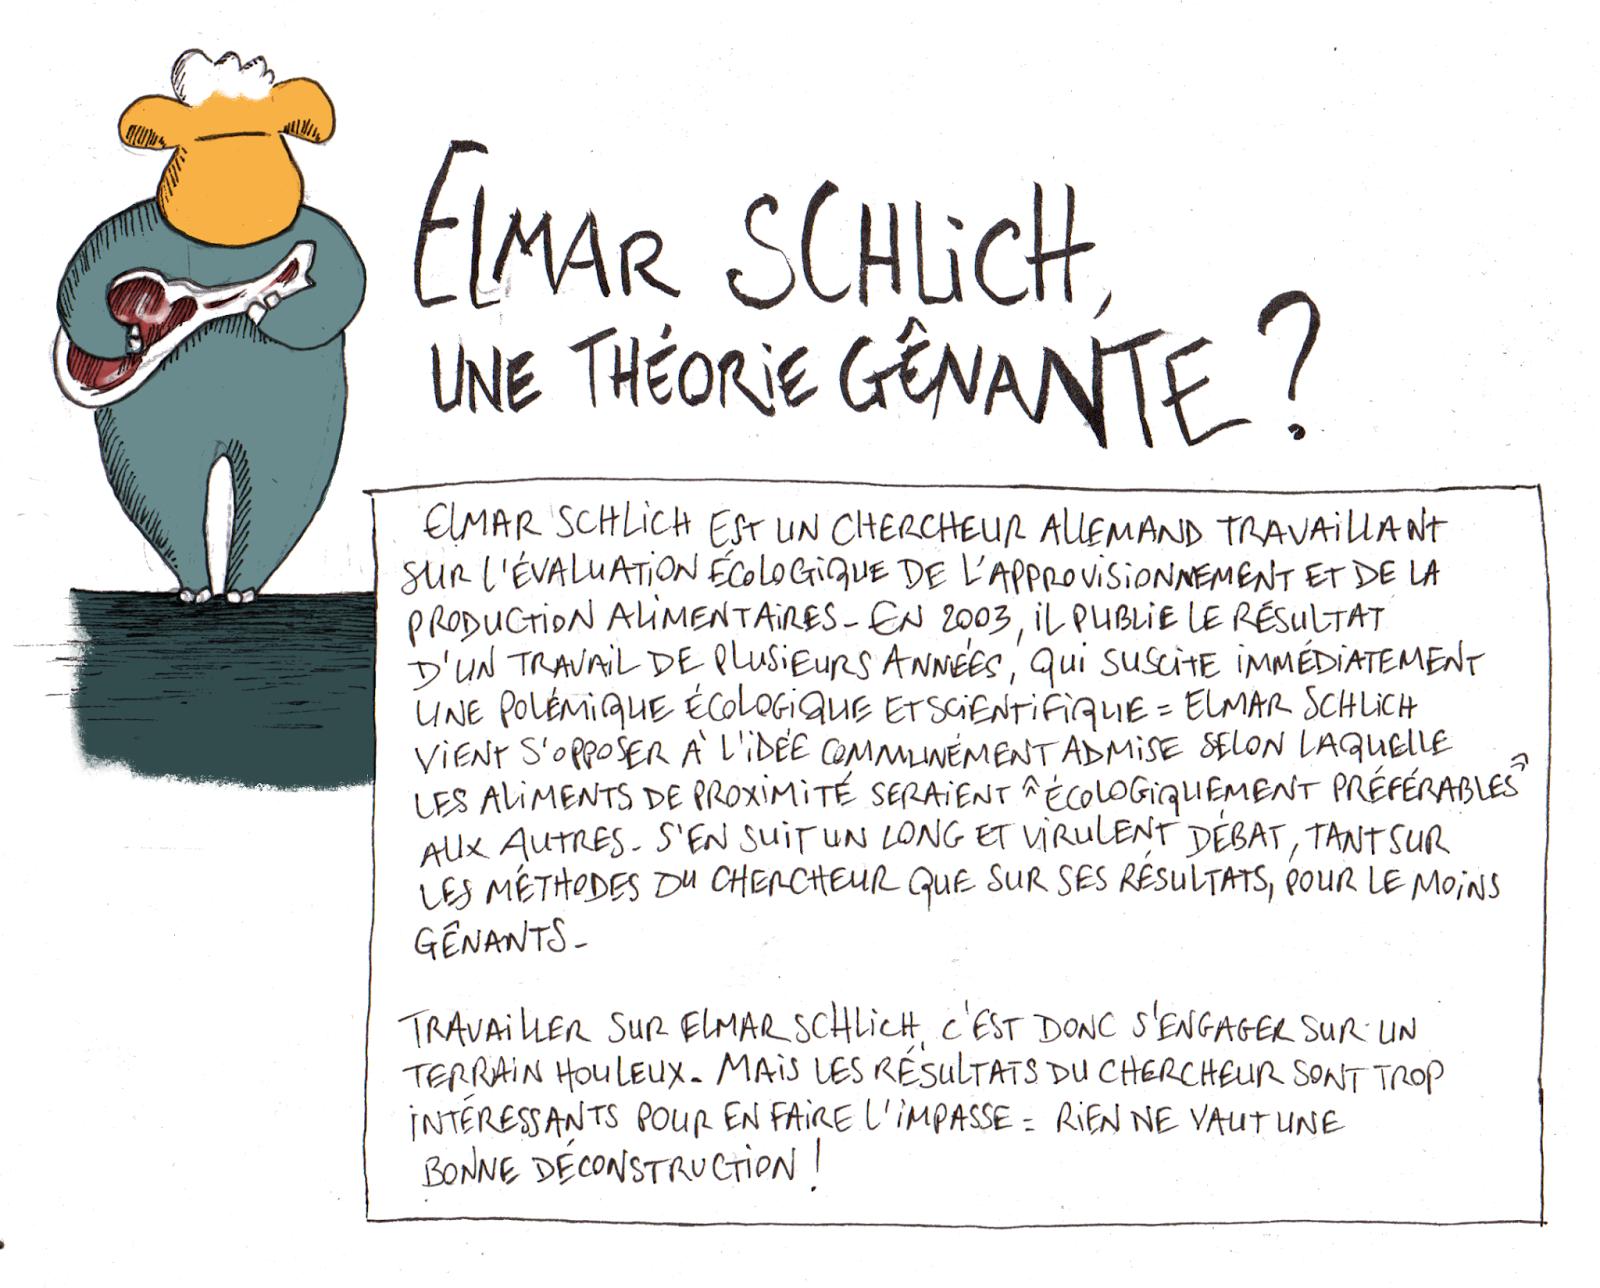 http://la-zad.blogspot.fr/p/elmar-schlich-une-theorie-genante.html